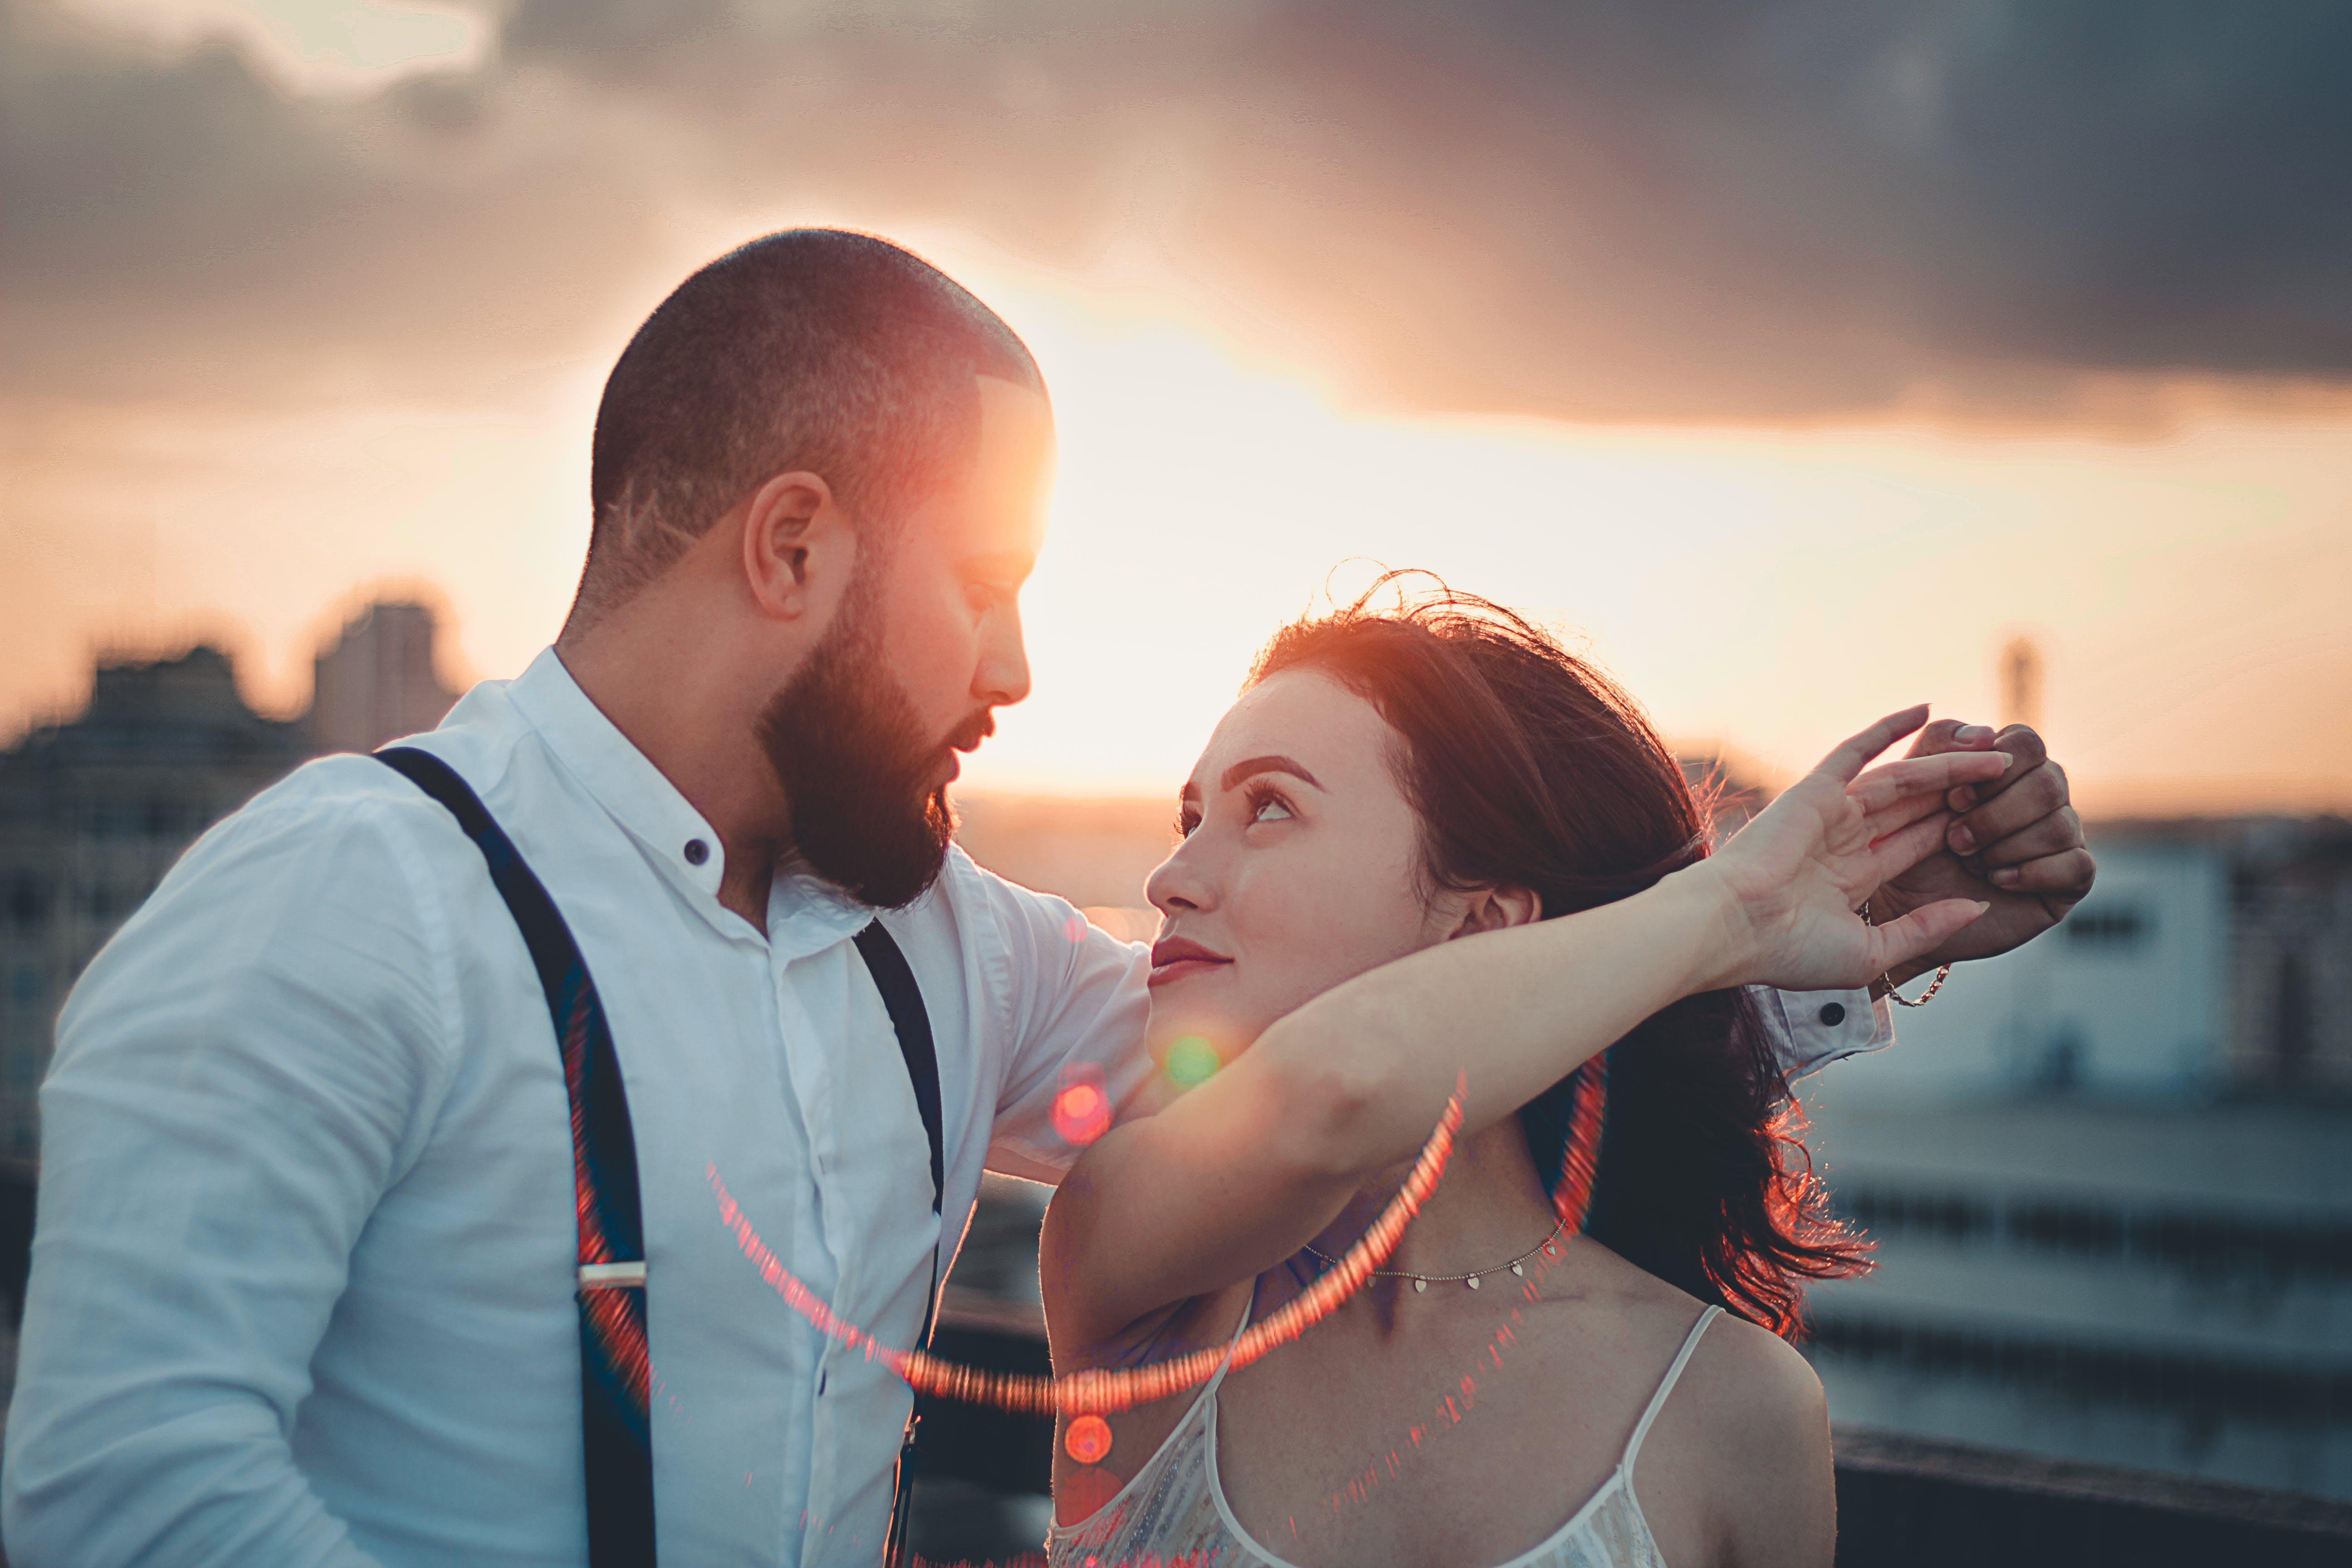 Fotos de stock gratuitas de Adobe Photoshop, adulto, al aire libre, amante